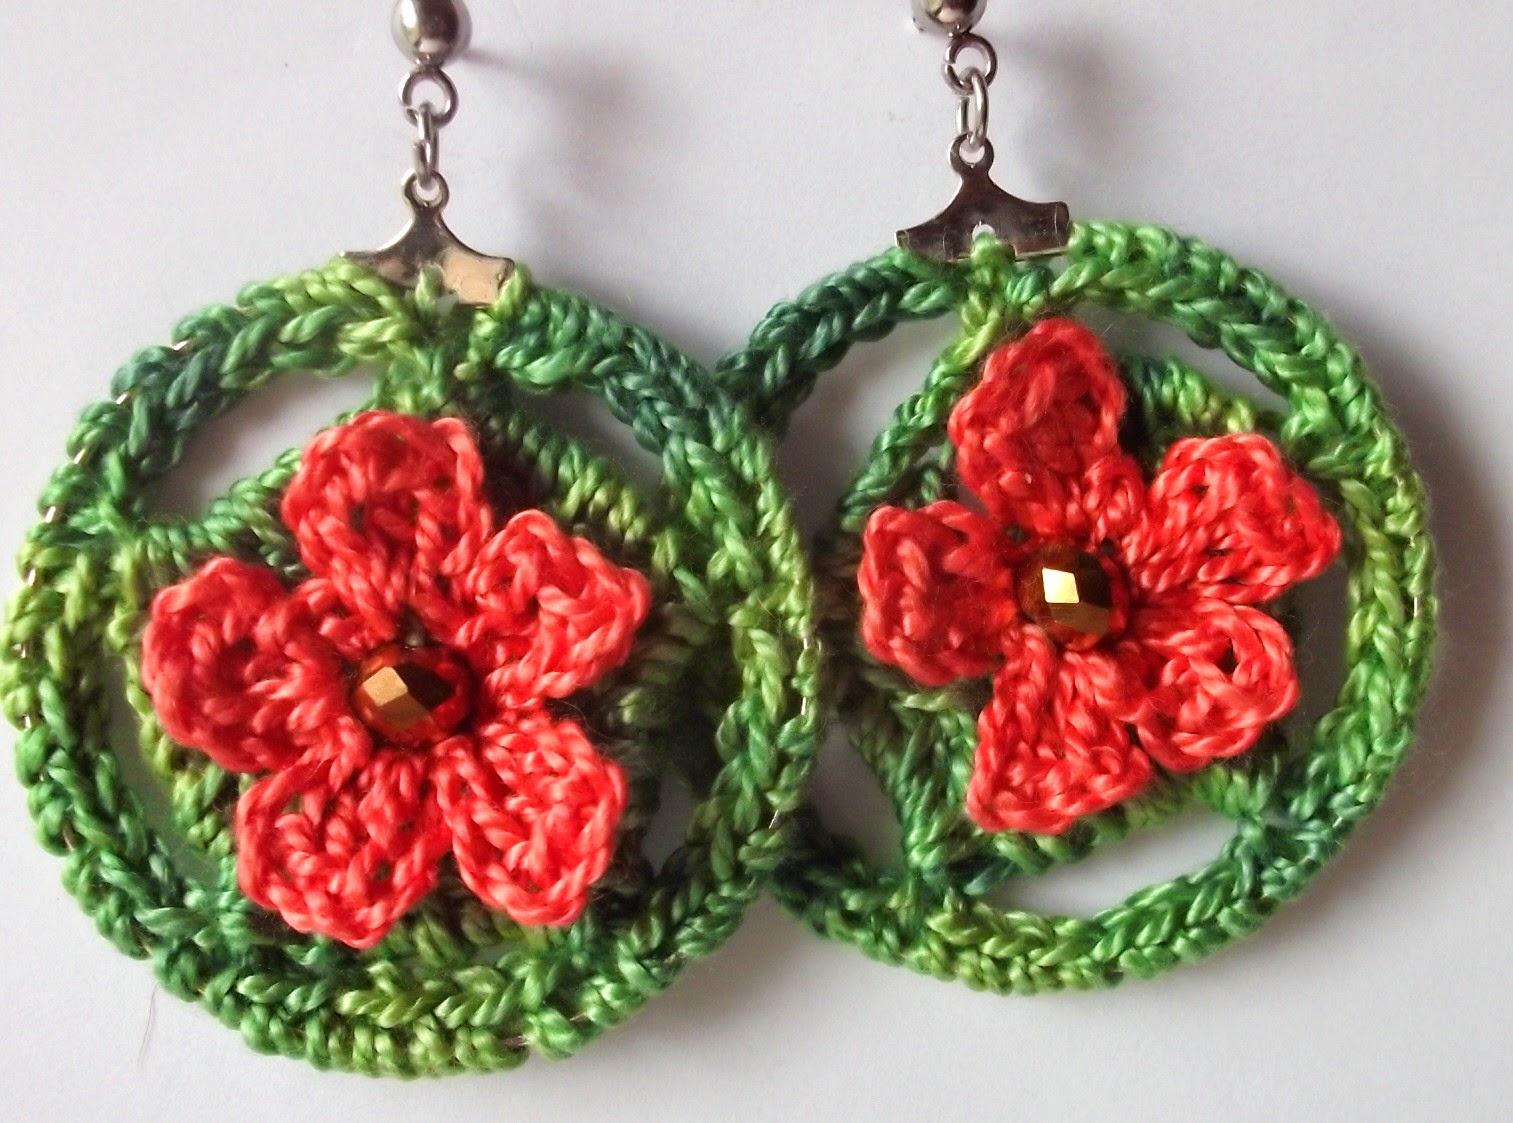 Gossamer Tangles: Hoop-La: Two Patterns for Crocheted Drop Hoop Earrings